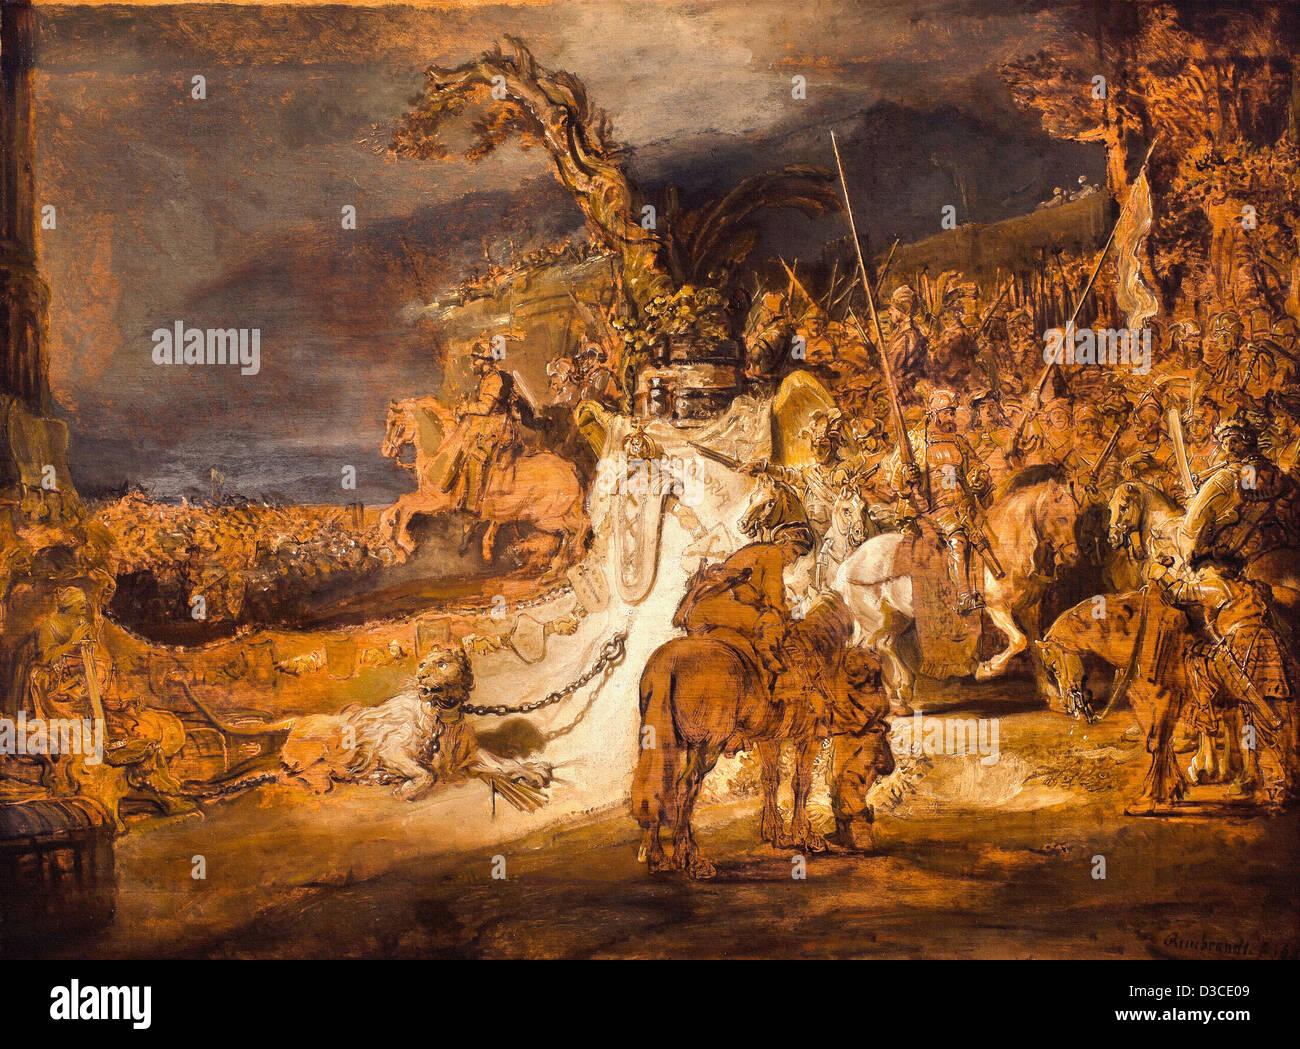 Rembrandt van Rijn, The Concord of the State. 1641 Oil on panel. Baroque. Museum Boijmans Van Beuningen, Rotterdam. - Stock Image